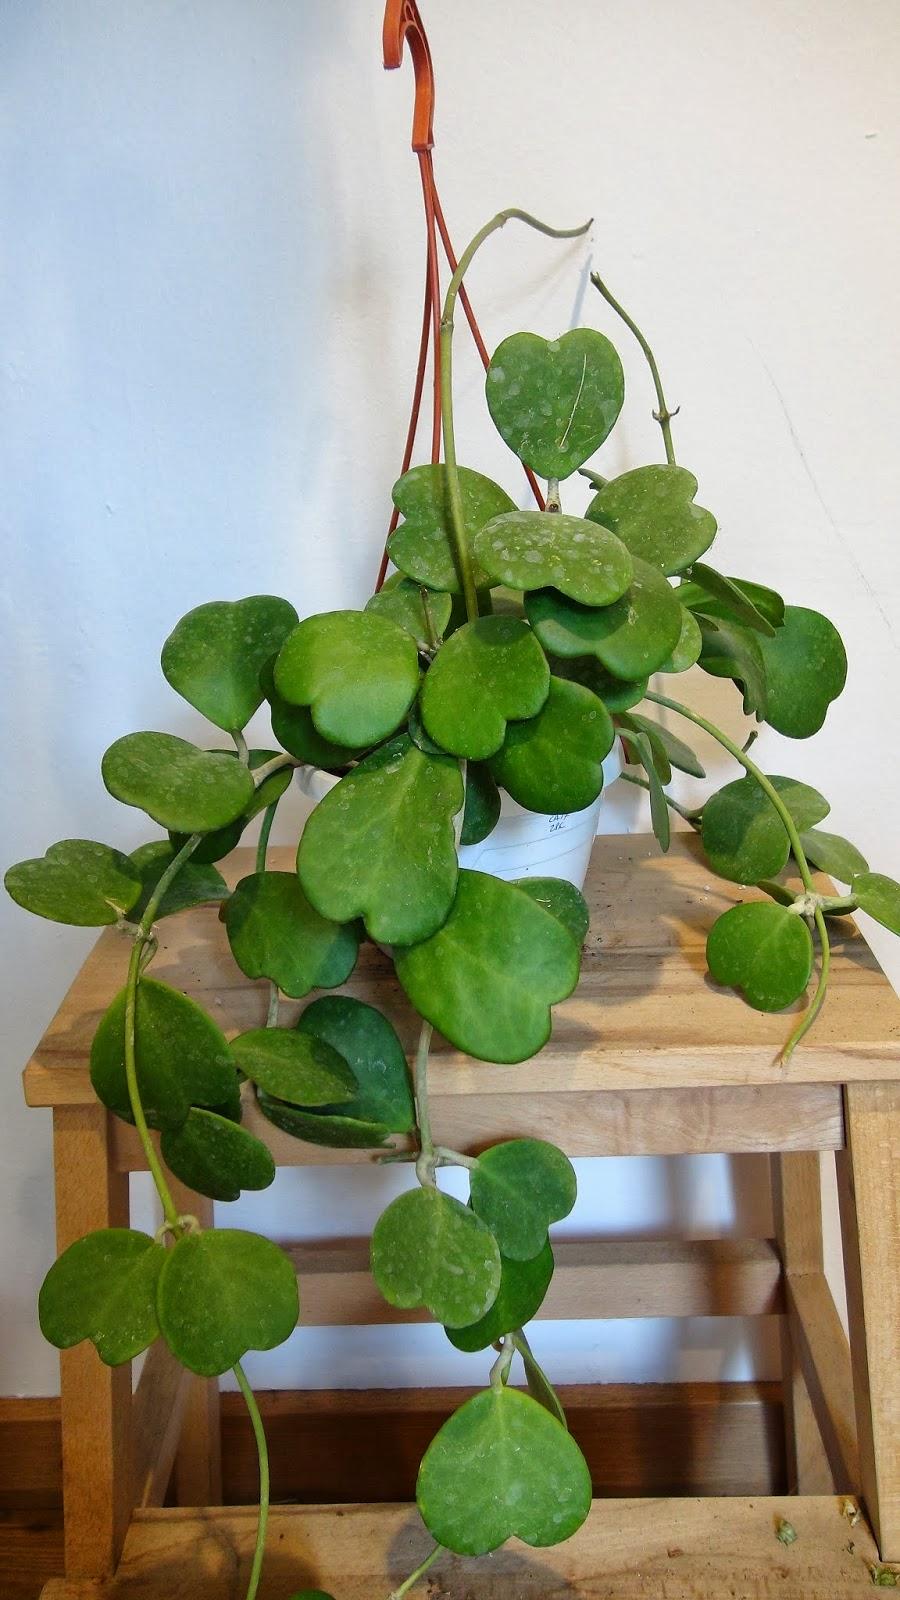 Zimmerpflanzen schattig Herzblatt in einem weißen Blumentopf viele Blätter